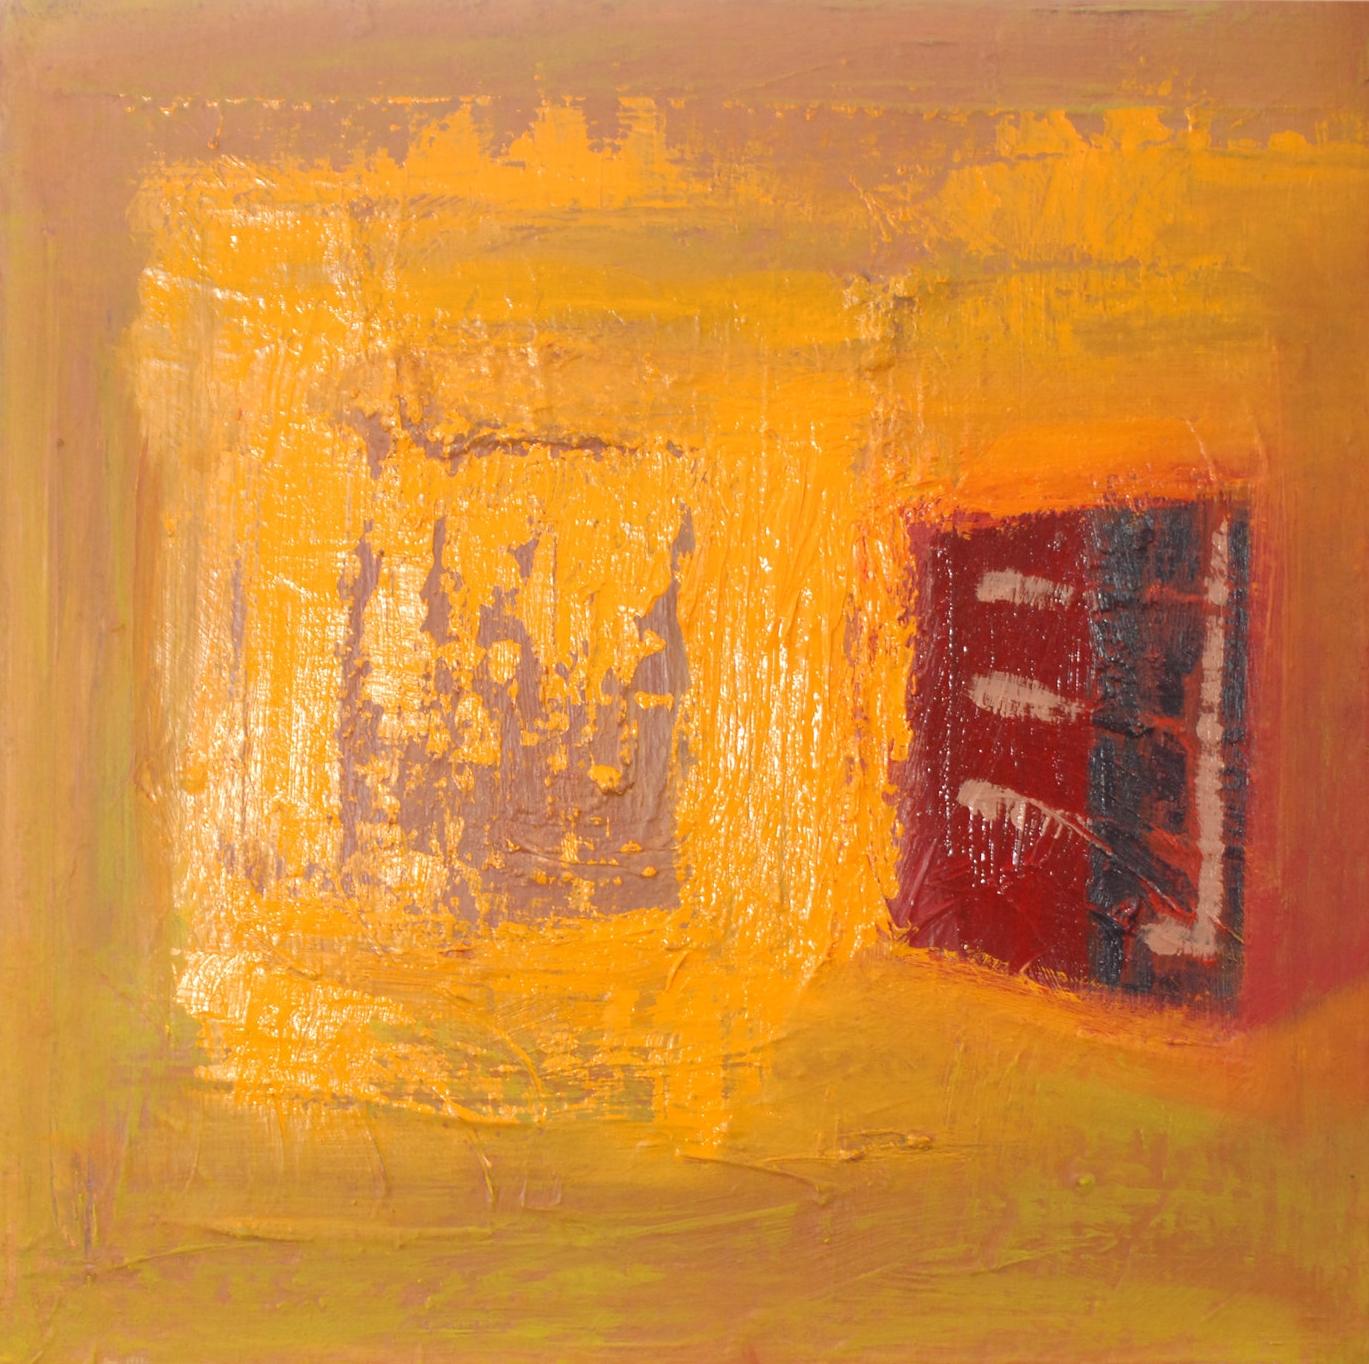 Dialogue - Oil on Canvas | 30cm x 30cm | 2017